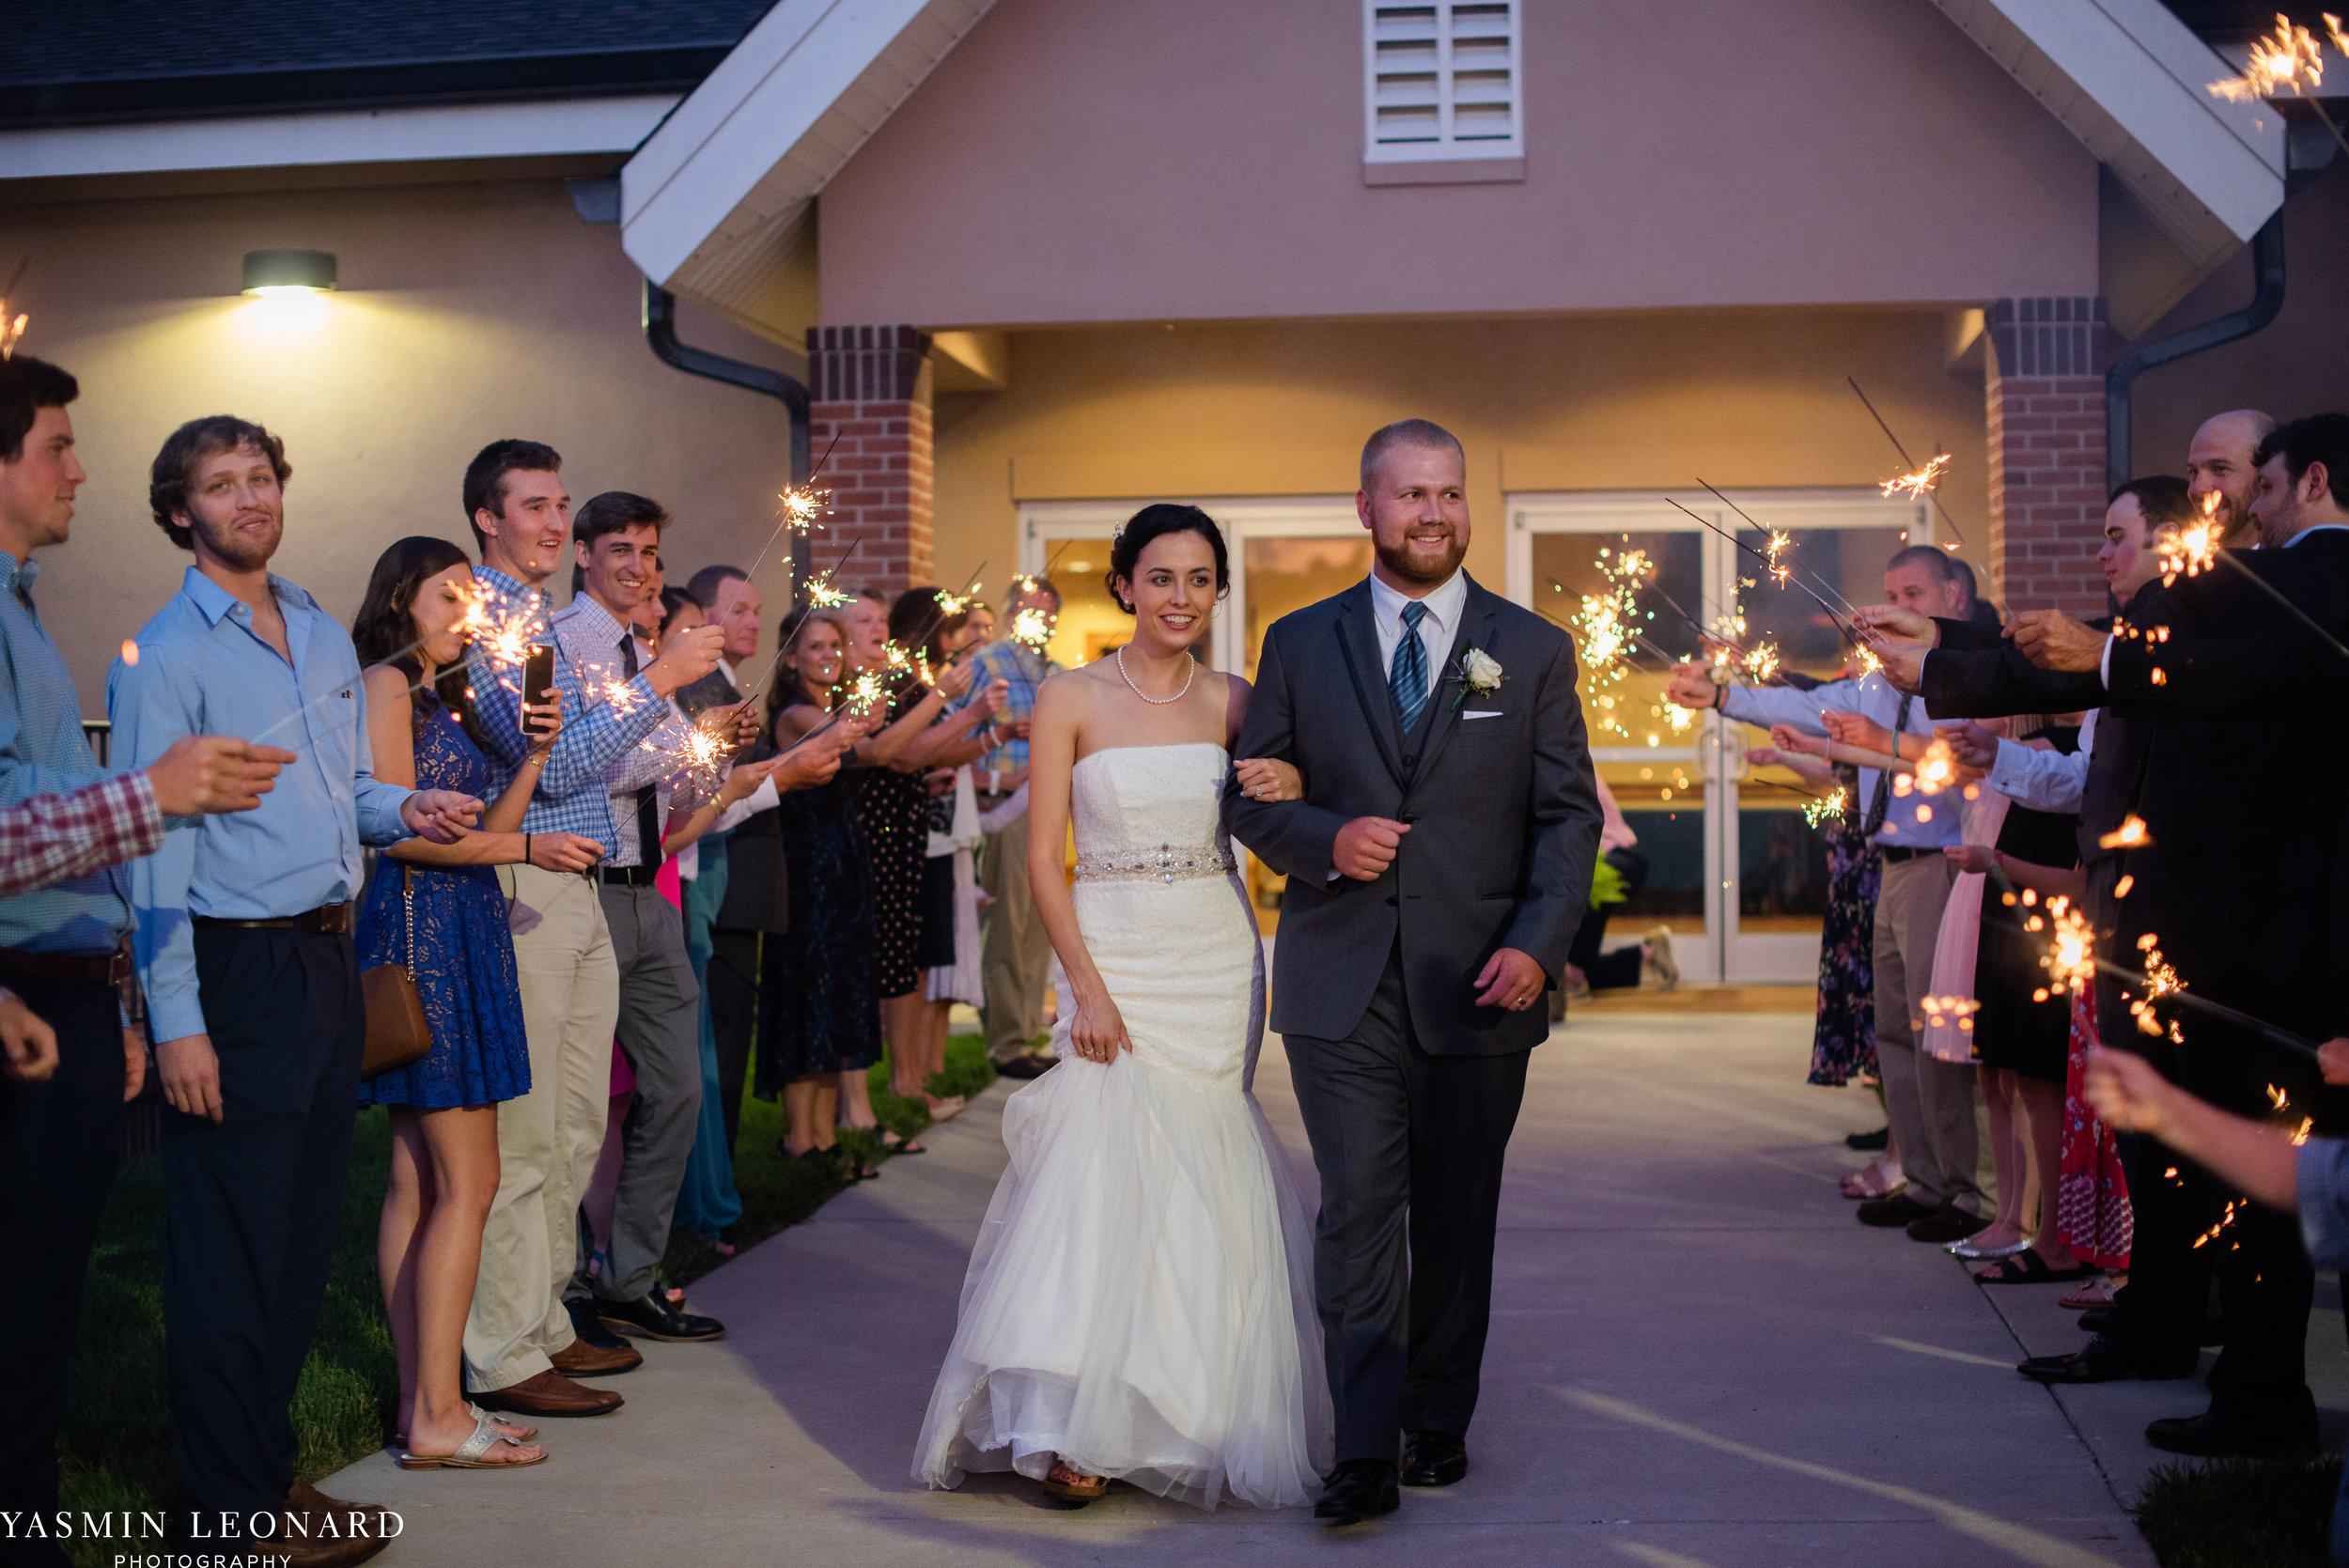 Mt. Pleasant Church - Church Wedding - Traditional Wedding - Church Ceremony - Country Wedding - Godly Wedding - NC Wedding Photographer - High Point Weddings - Triad Weddings - NC Venues-62.jpg